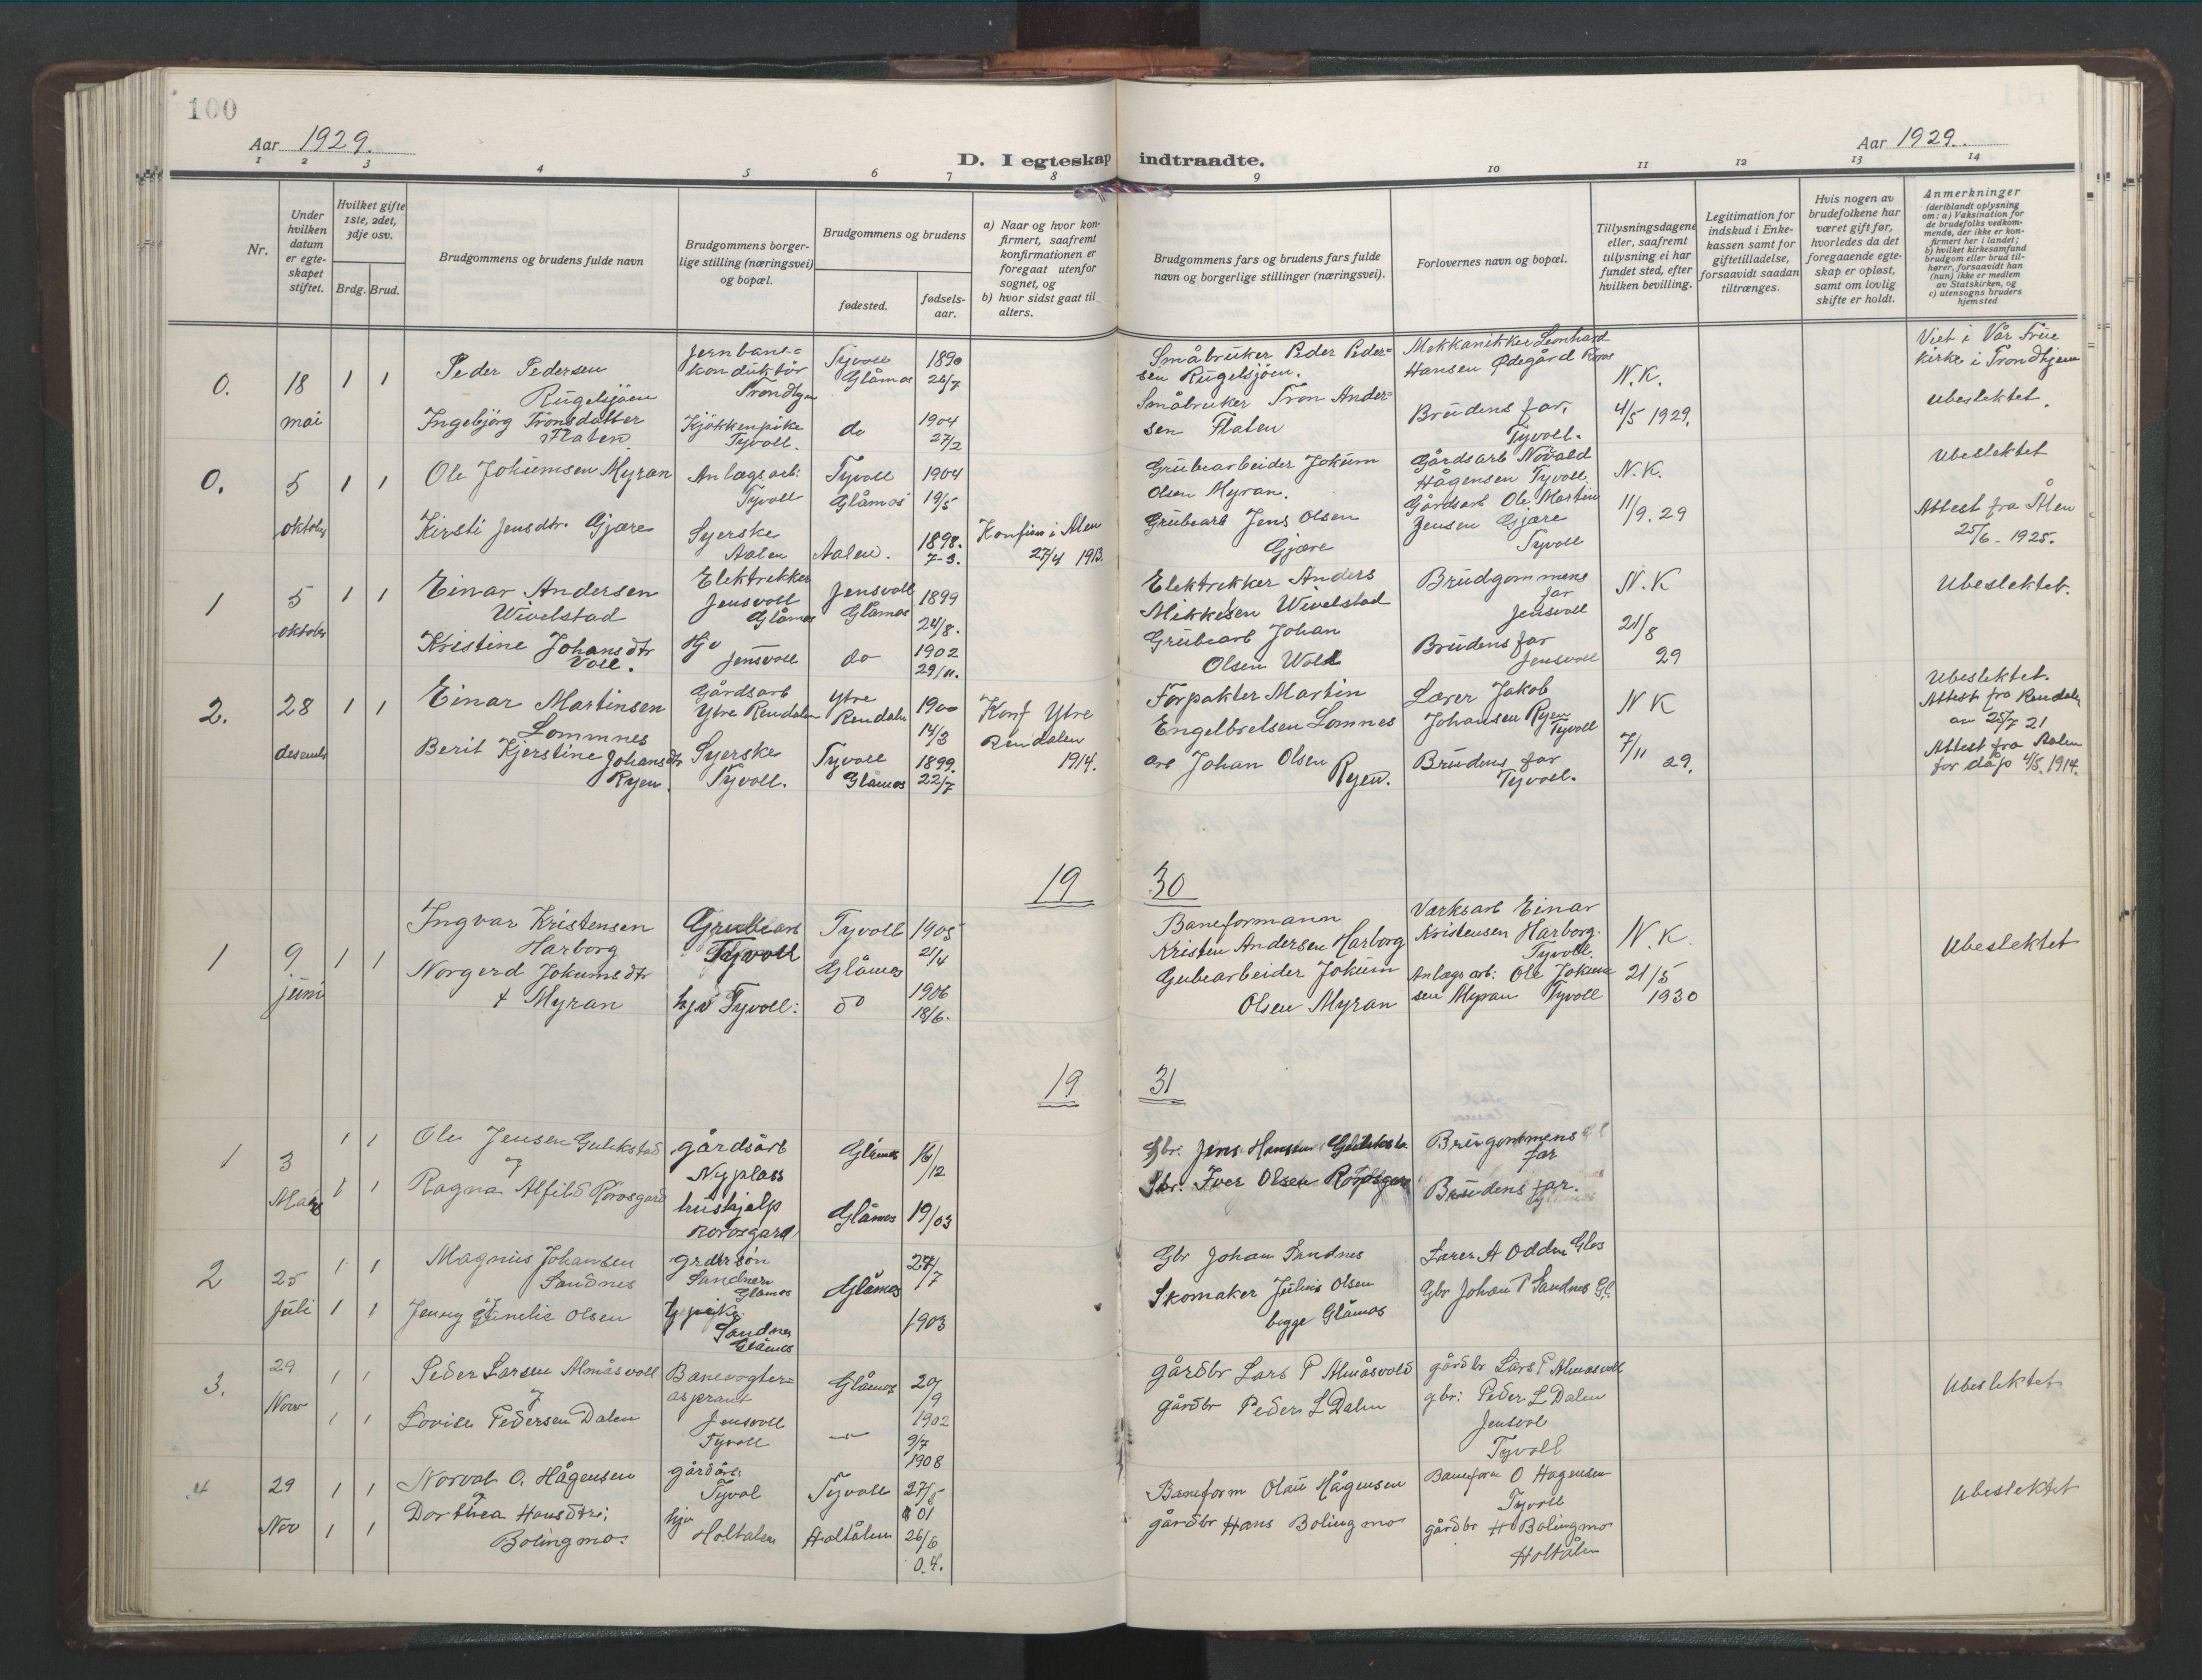 SAT, Ministerialprotokoller, klokkerbøker og fødselsregistre - Sør-Trøndelag, 682/L0947: Klokkerbok nr. 682C01, 1926-1968, s. 100